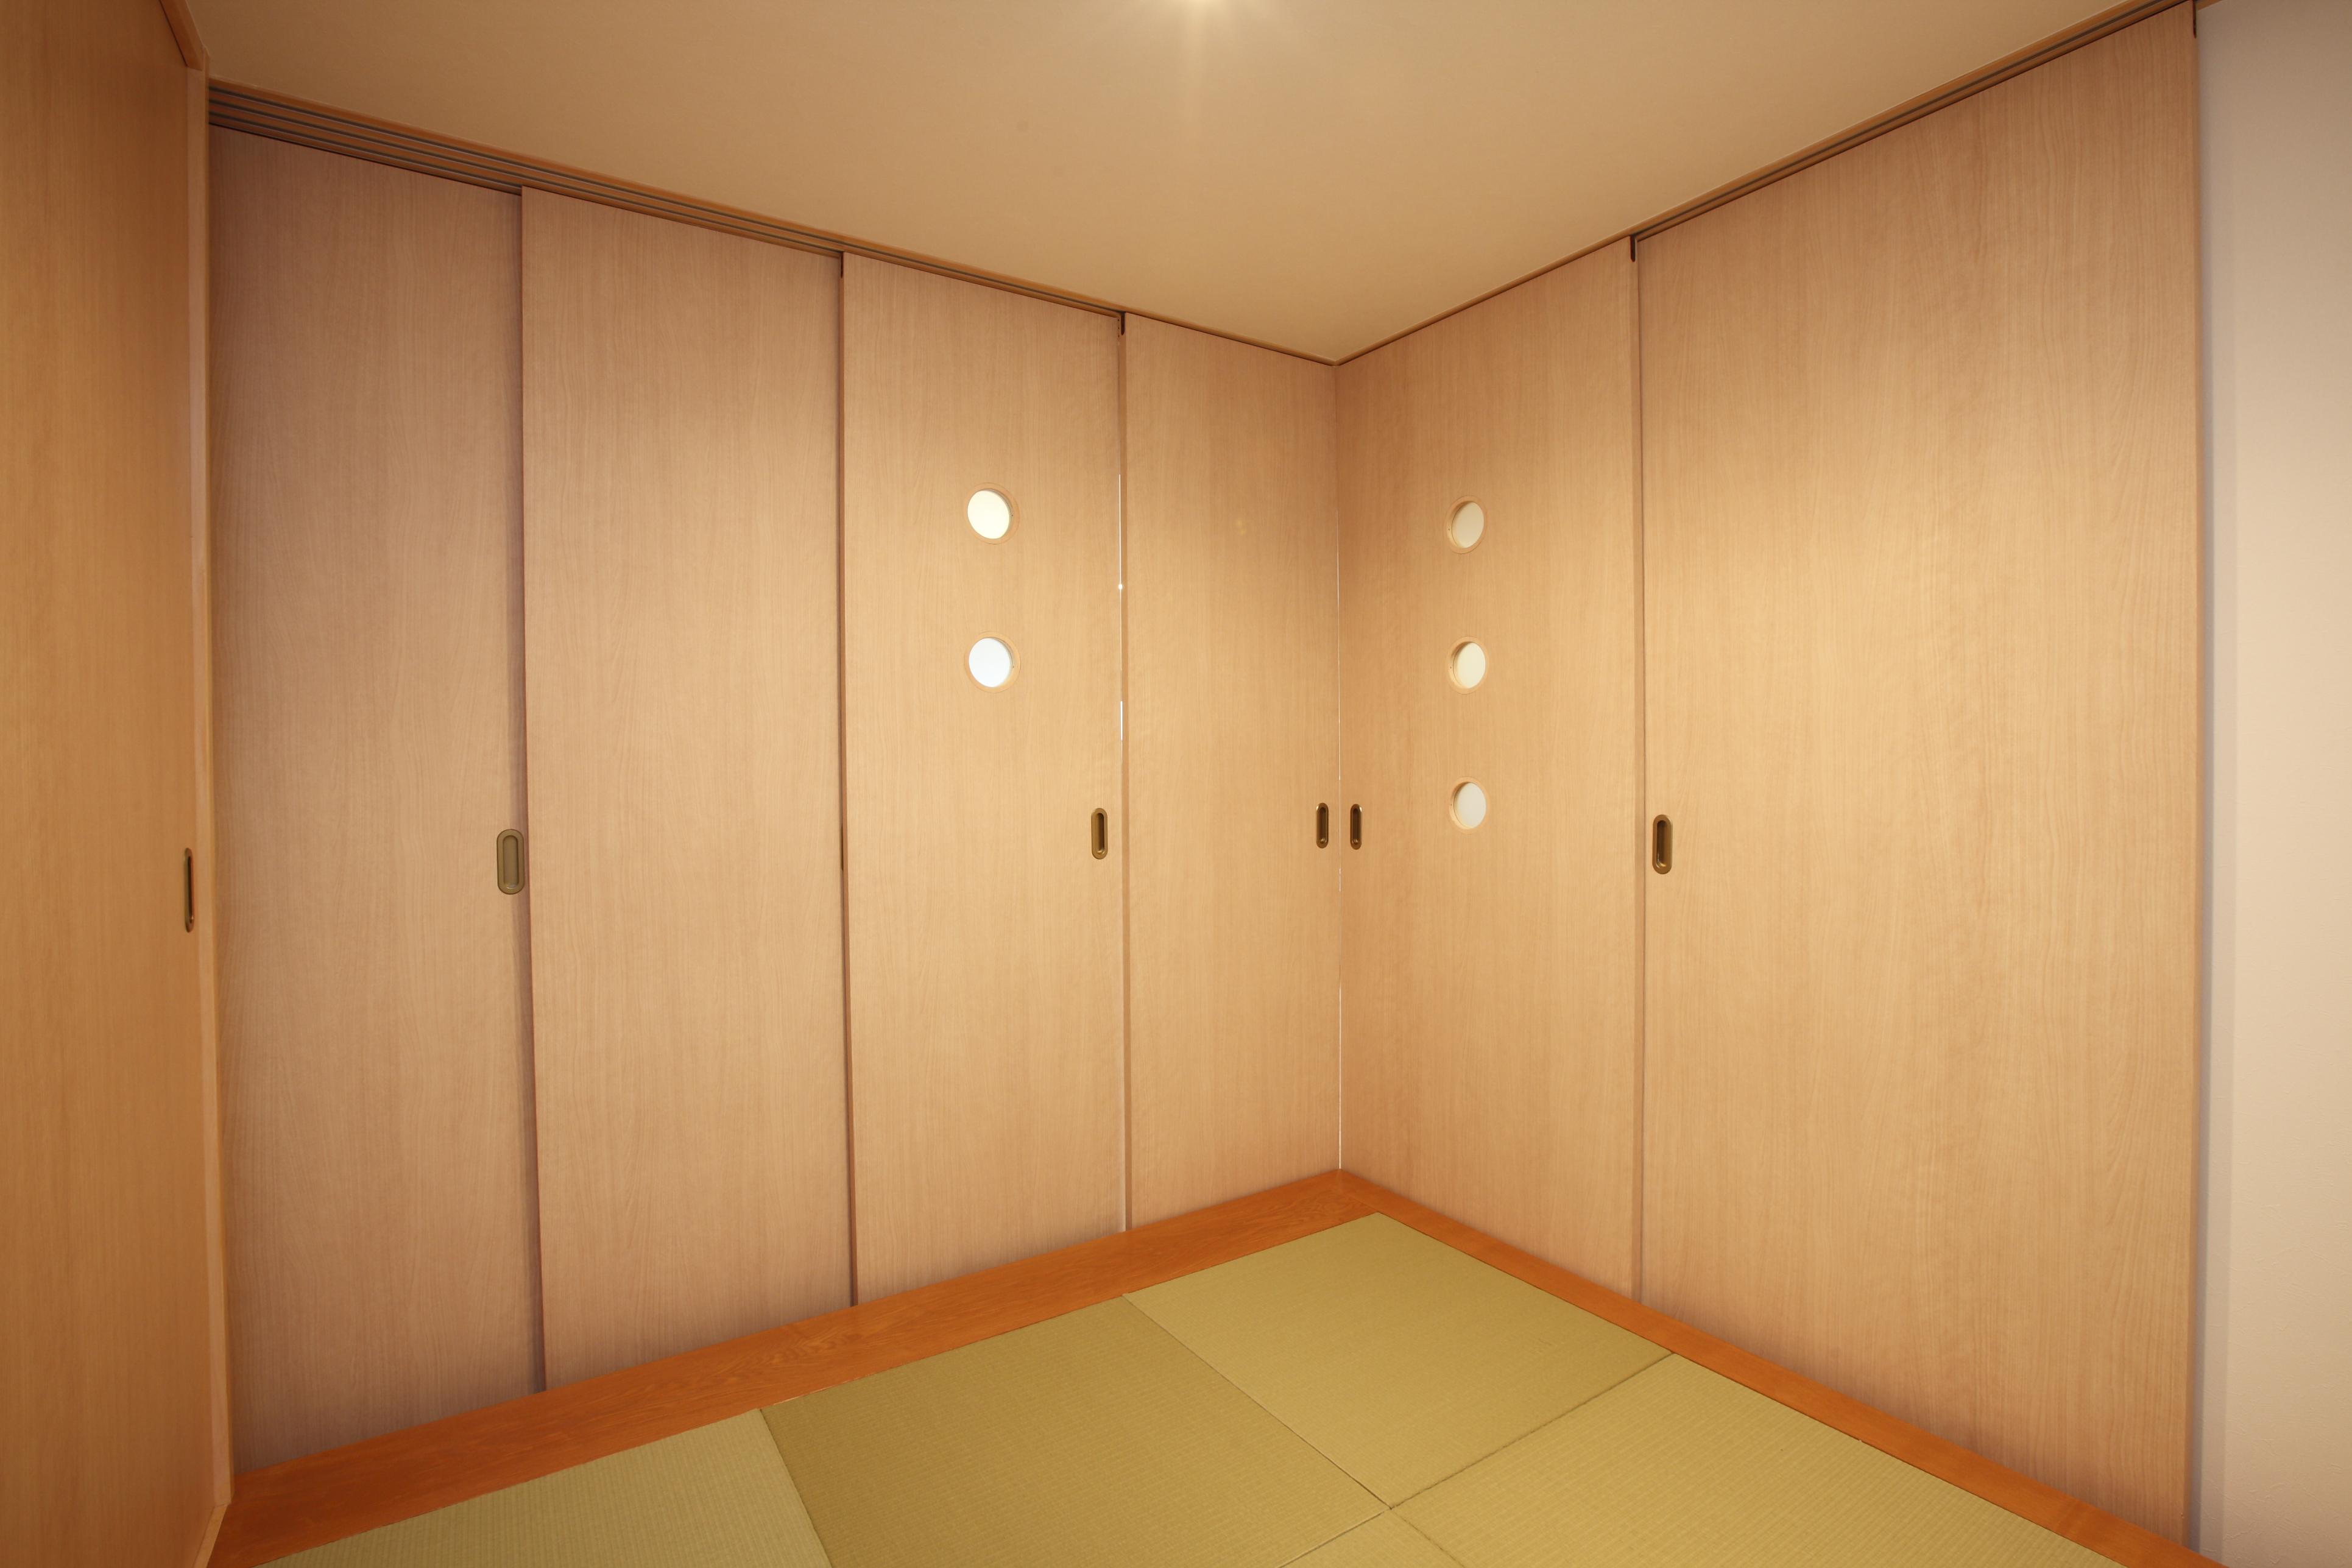 和室、小上がり、引き戸、木製、リノベーション東京